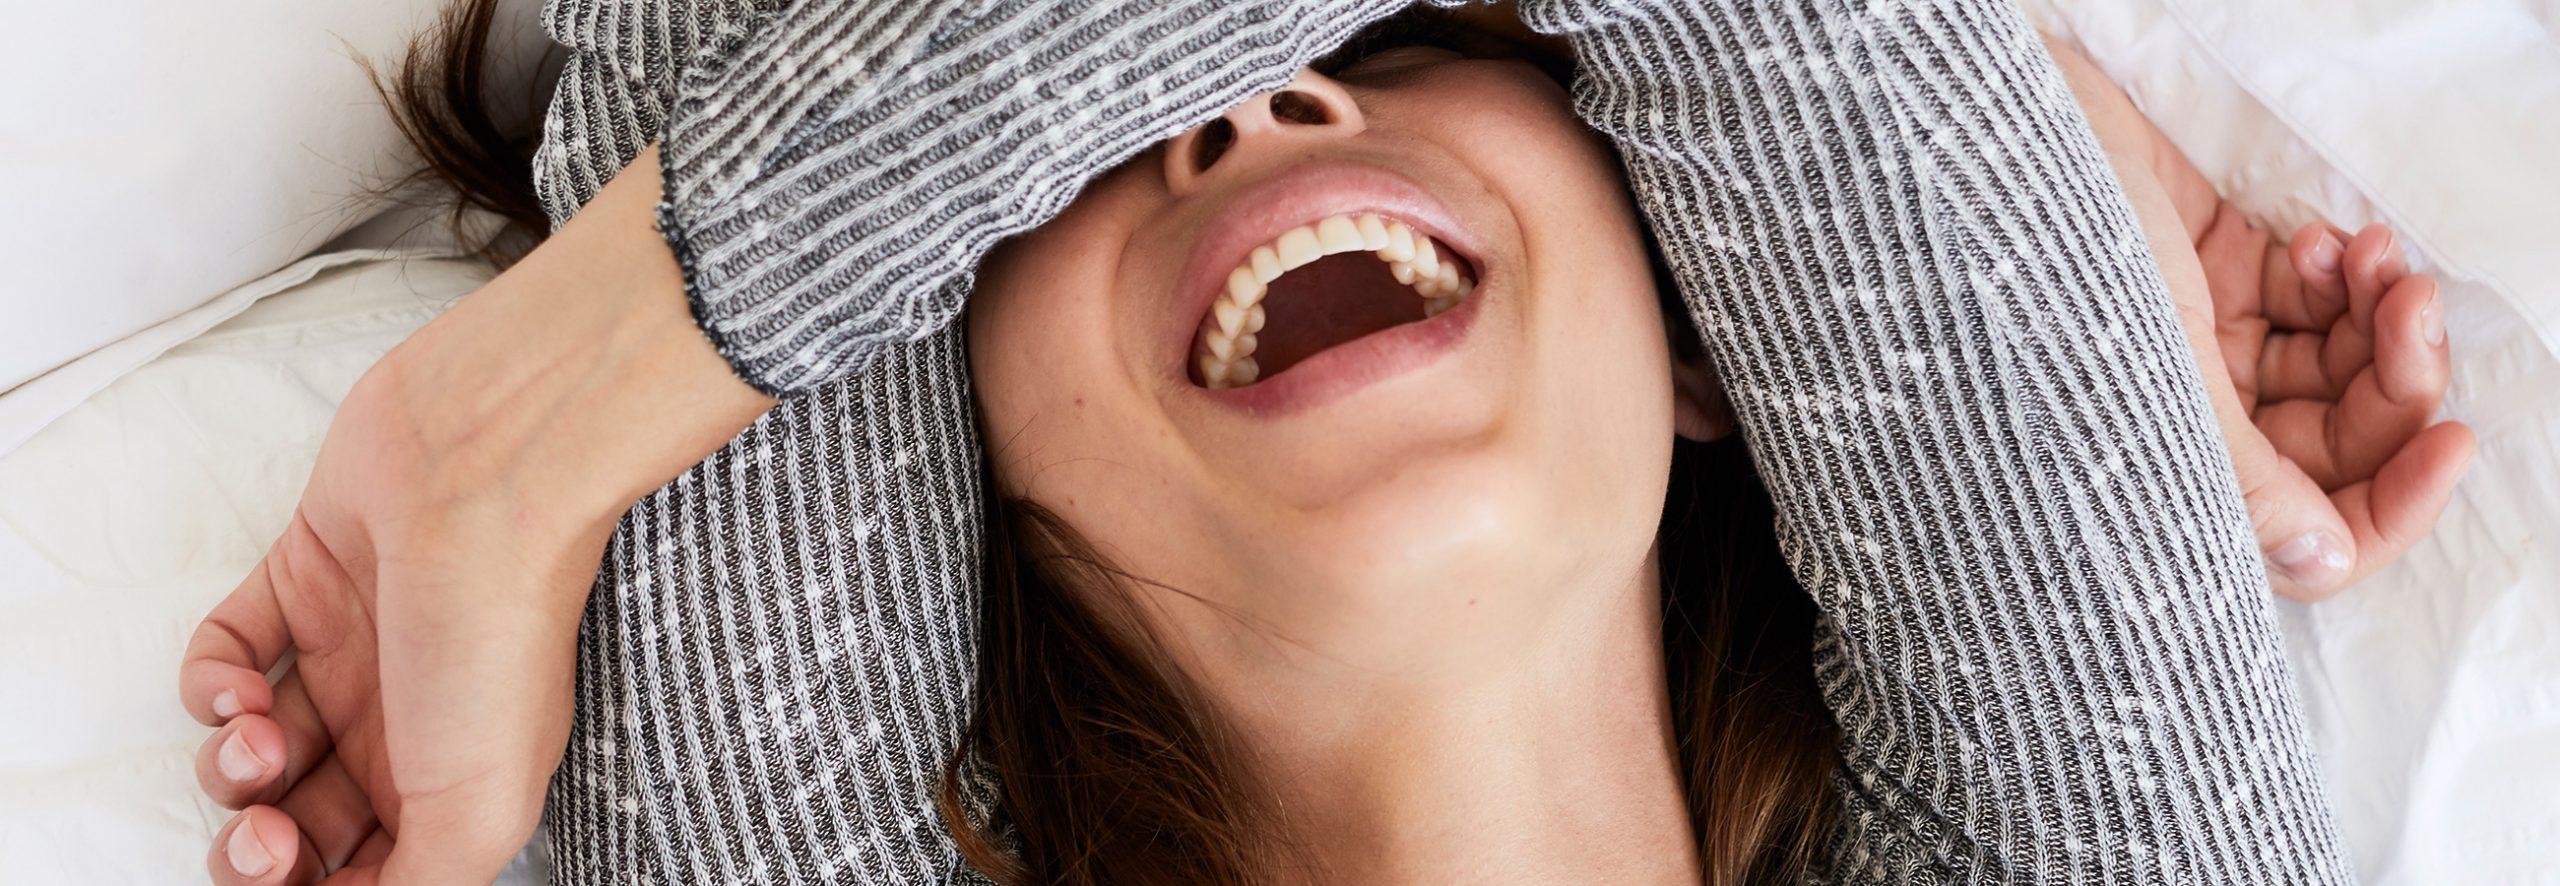 Frau ist glücklich und gesund dank der Prophylaxe beim Zahnarzt in Sauerlach.